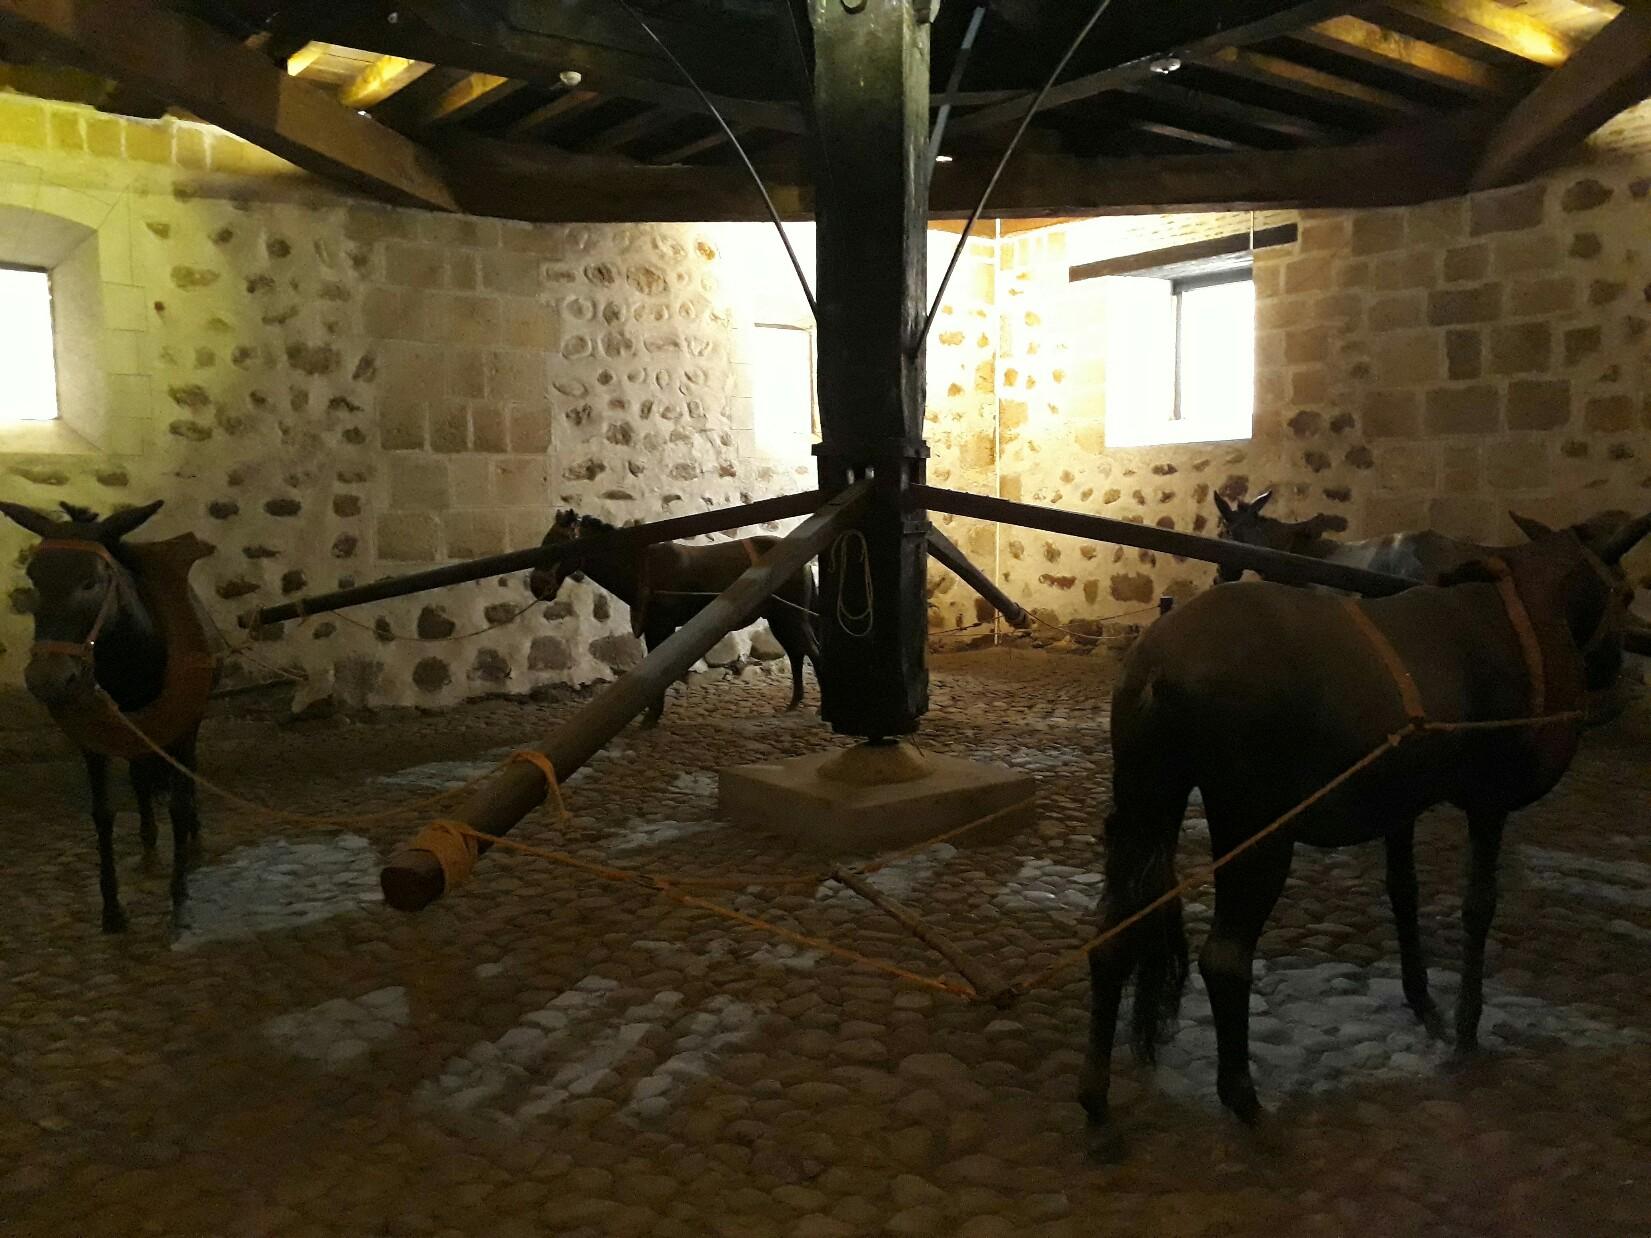 Les mulets faisant fonctionner la machine pour presser les lingots